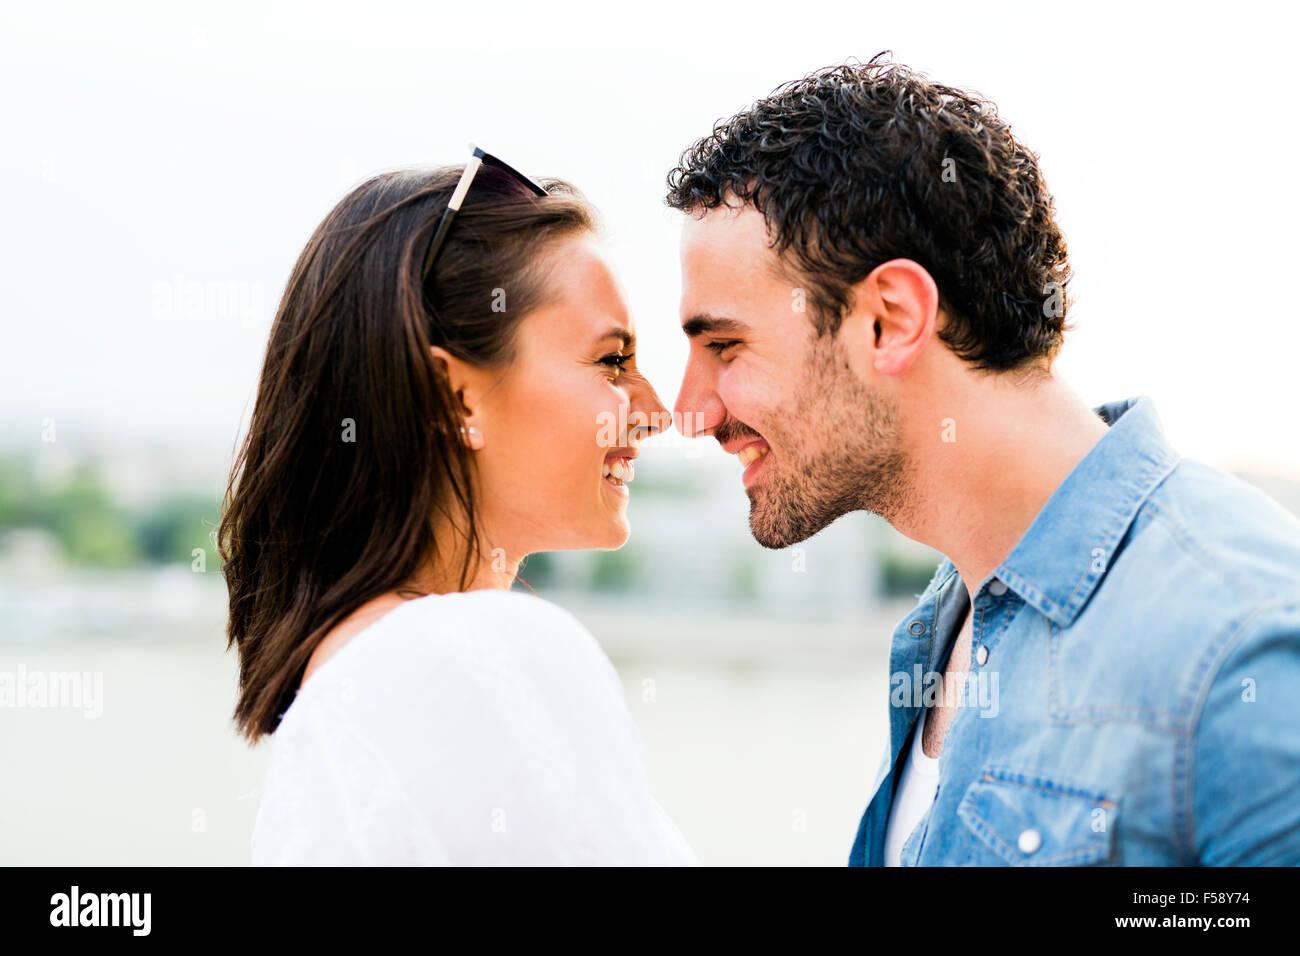 Giovane bella giovane sfregamento dei nasi come un segno di amore e circa a baciare ogni altro Immagini Stock